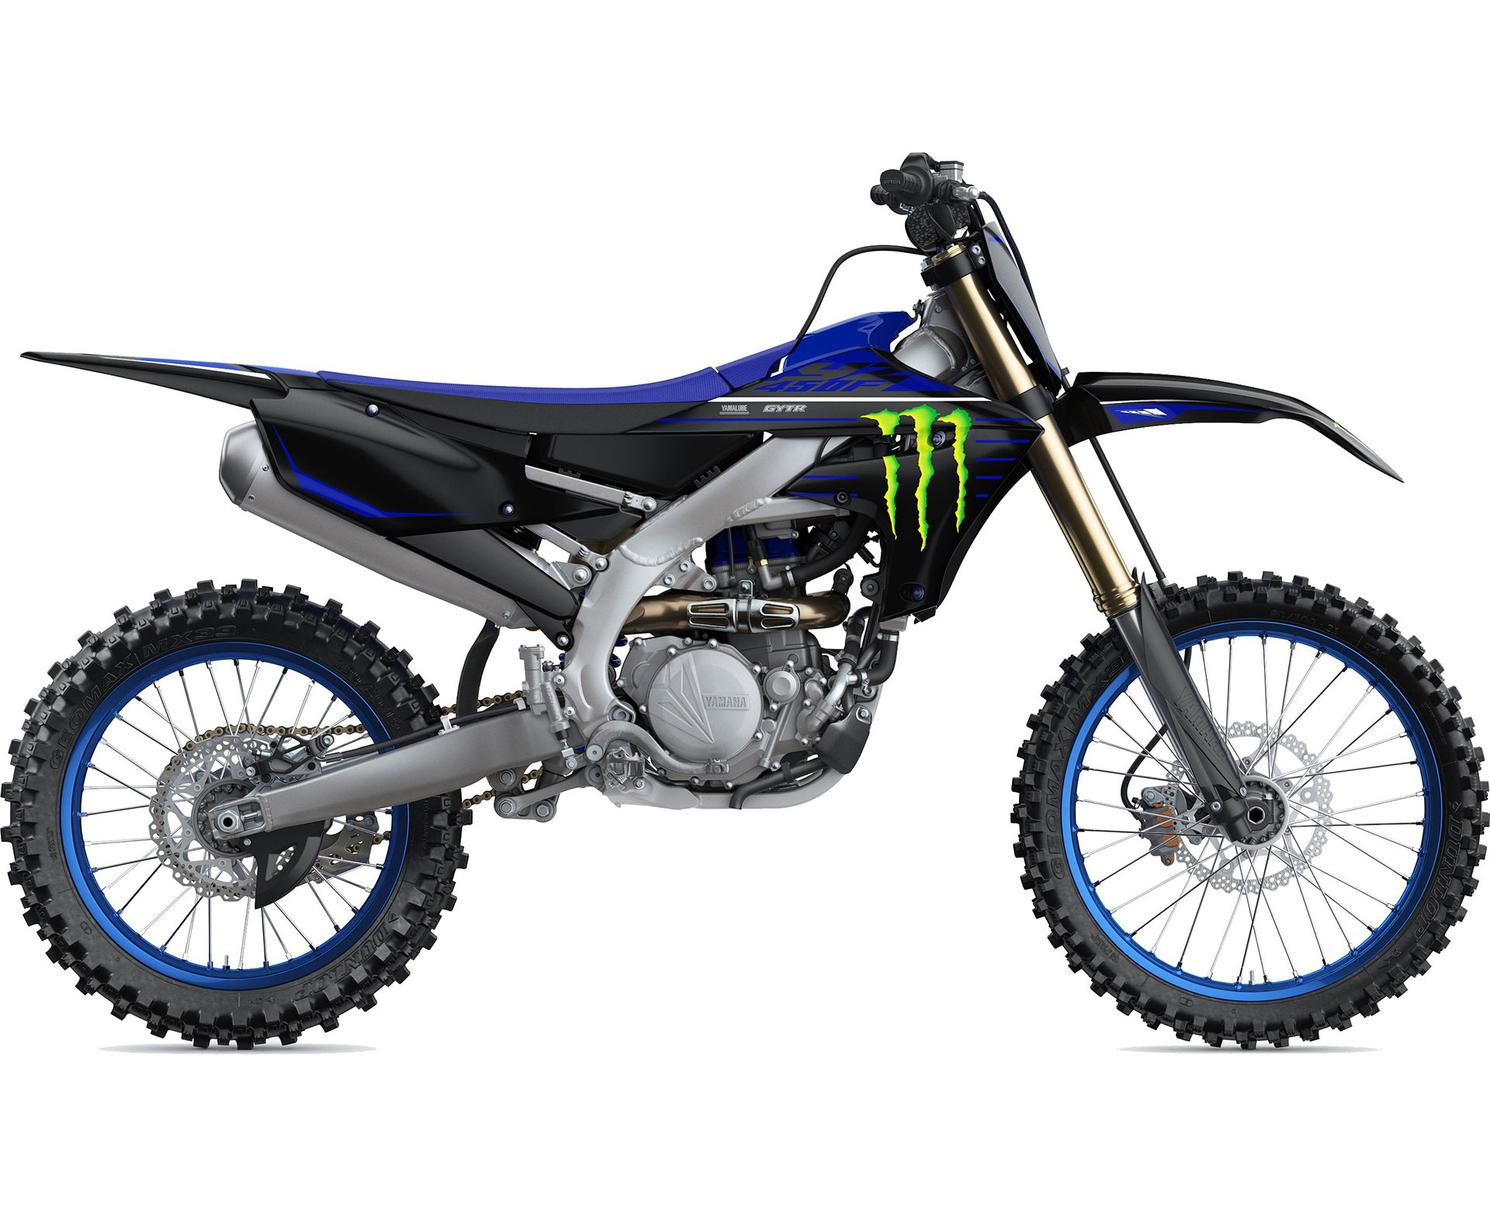 2022 Yamaha YZ450F Monster Energy Yamaha Racing Edition